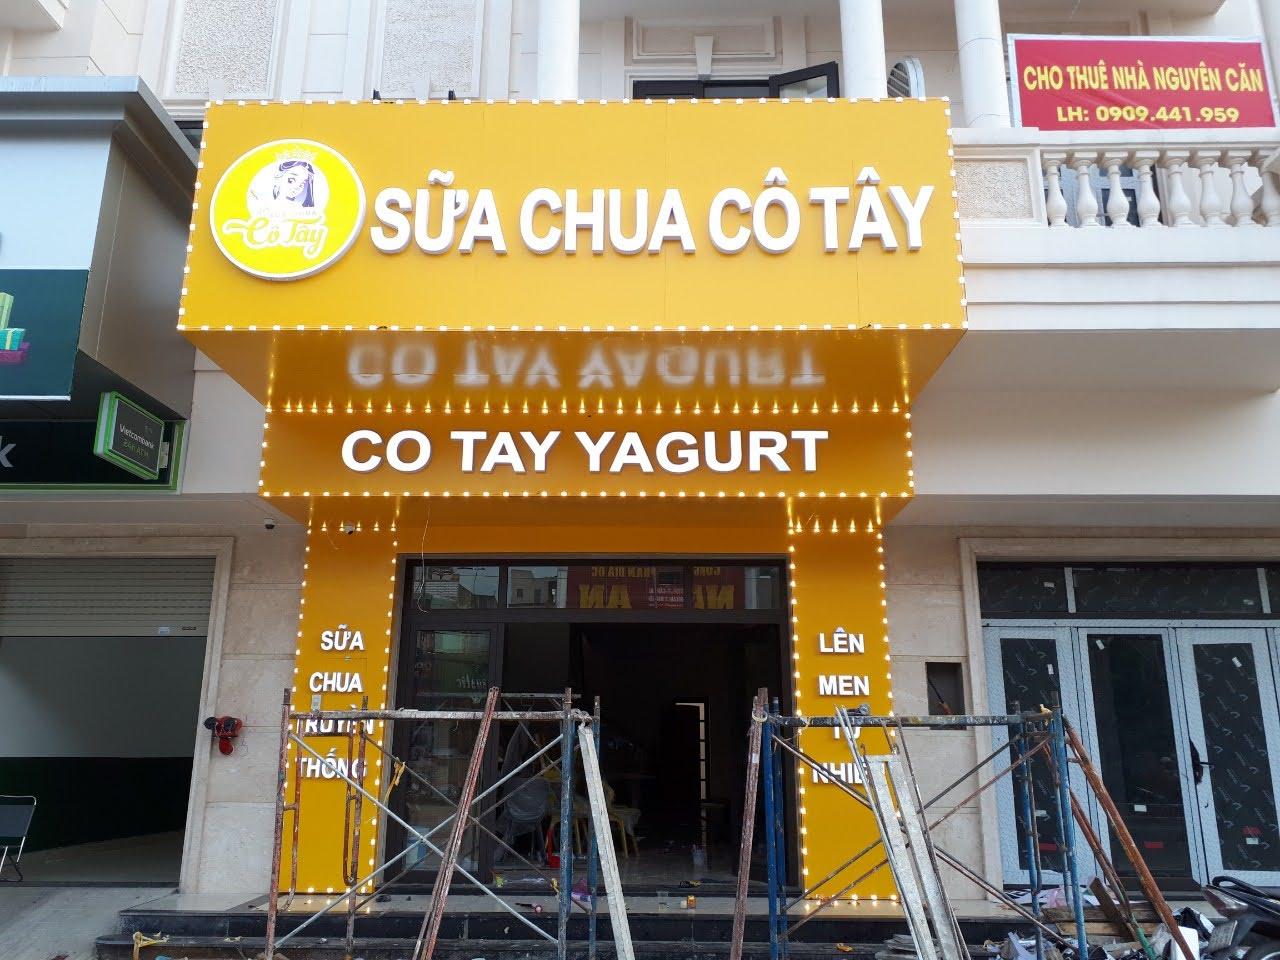 Làm biển hiệu quảng cáo alu giá rẻ ở Tuần Châu – 0934222866